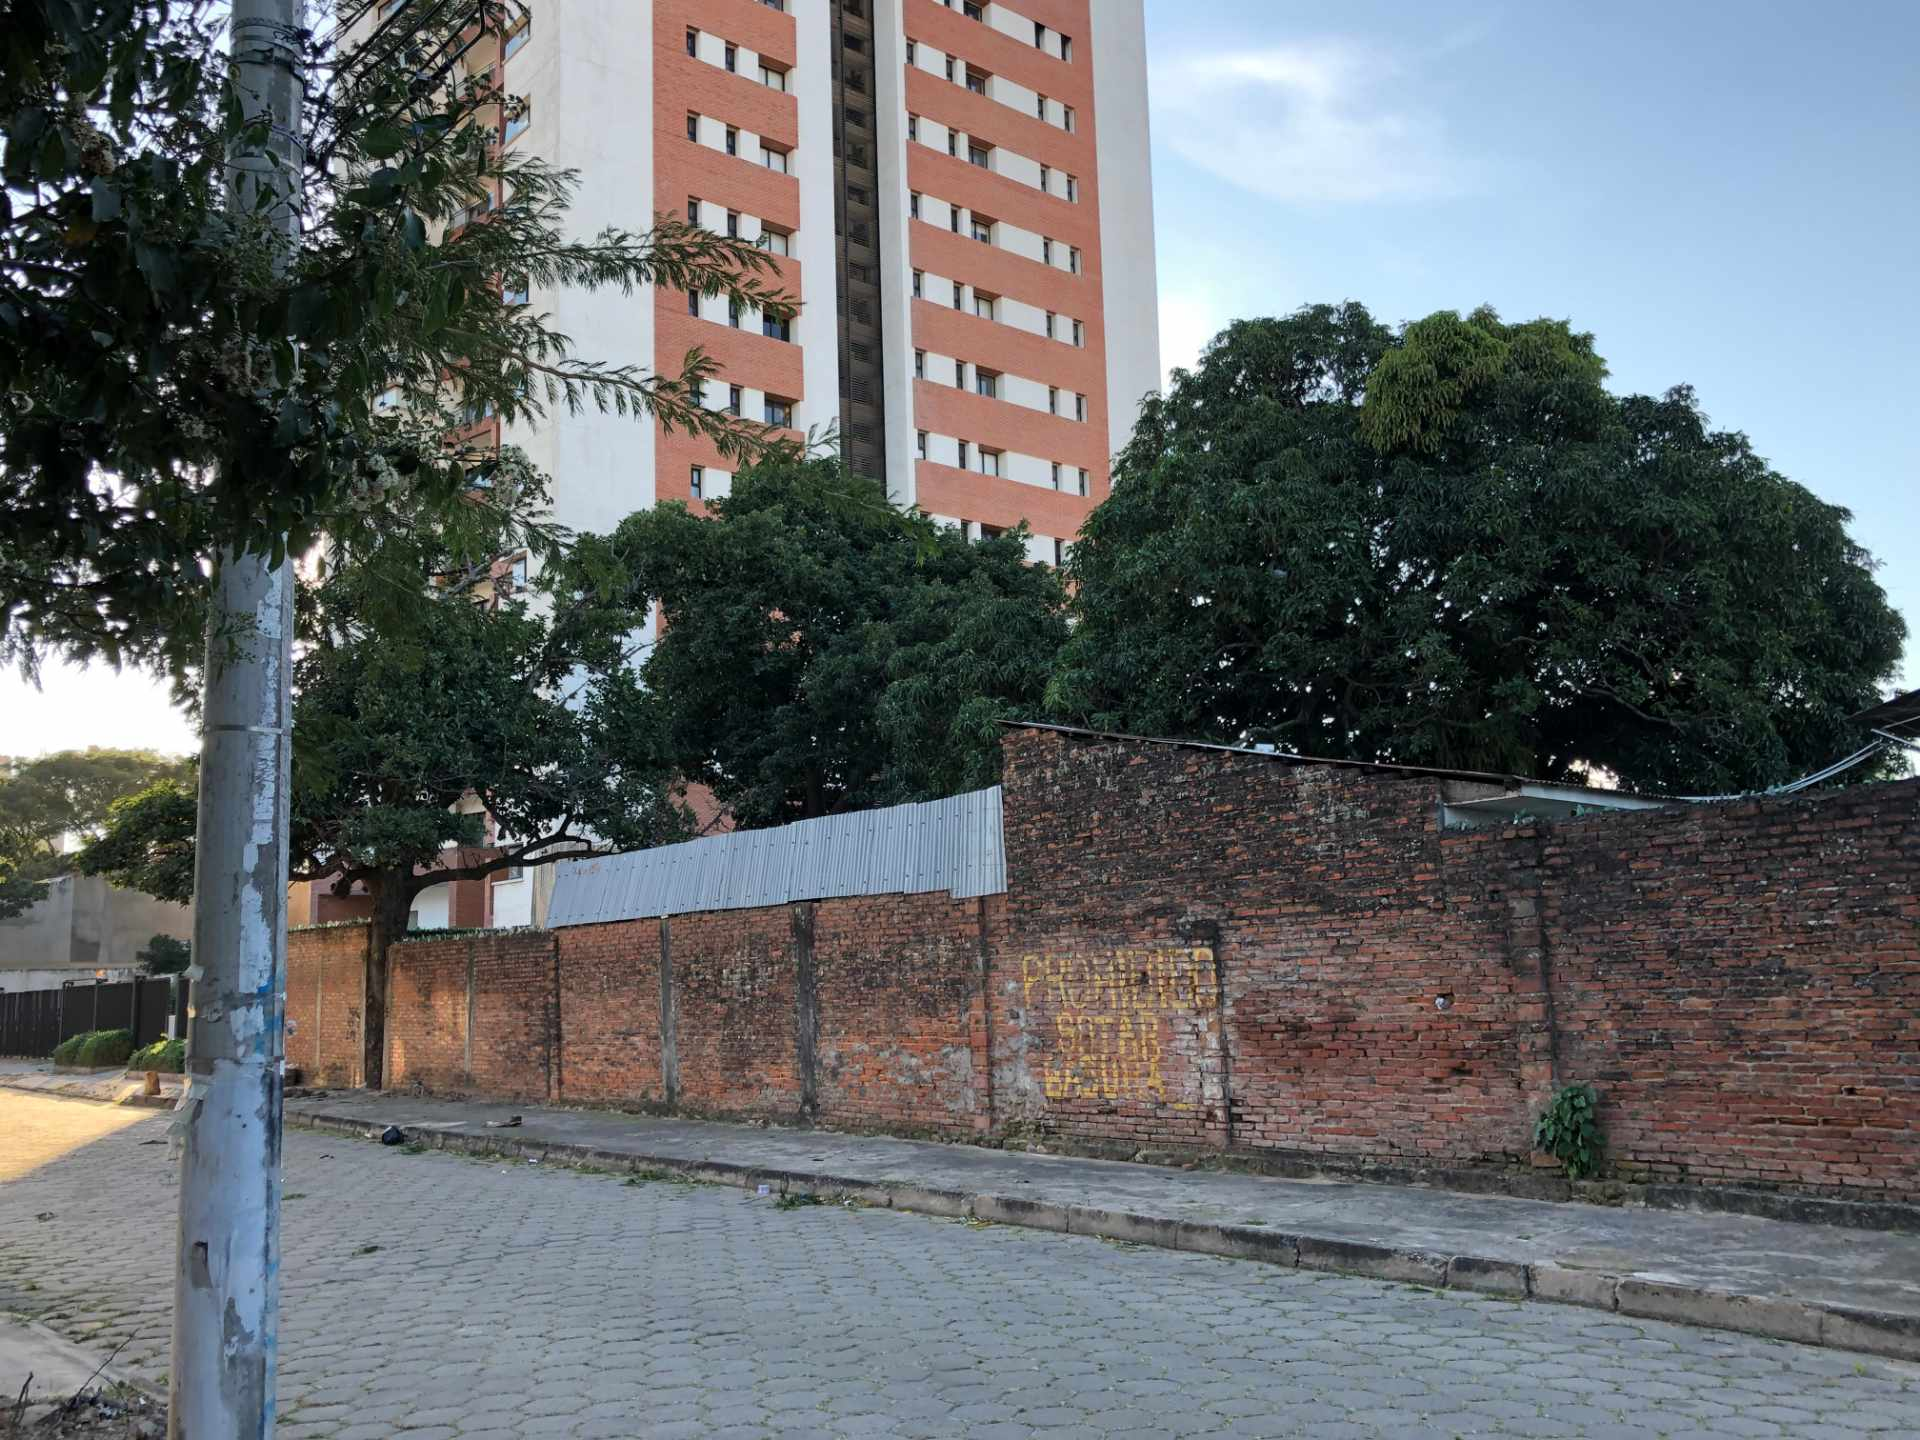 Terreno en Venta Calle El Fuerte s/n, zona barrio Los Choferes (al lado del Hostal Jodanga) Foto 8